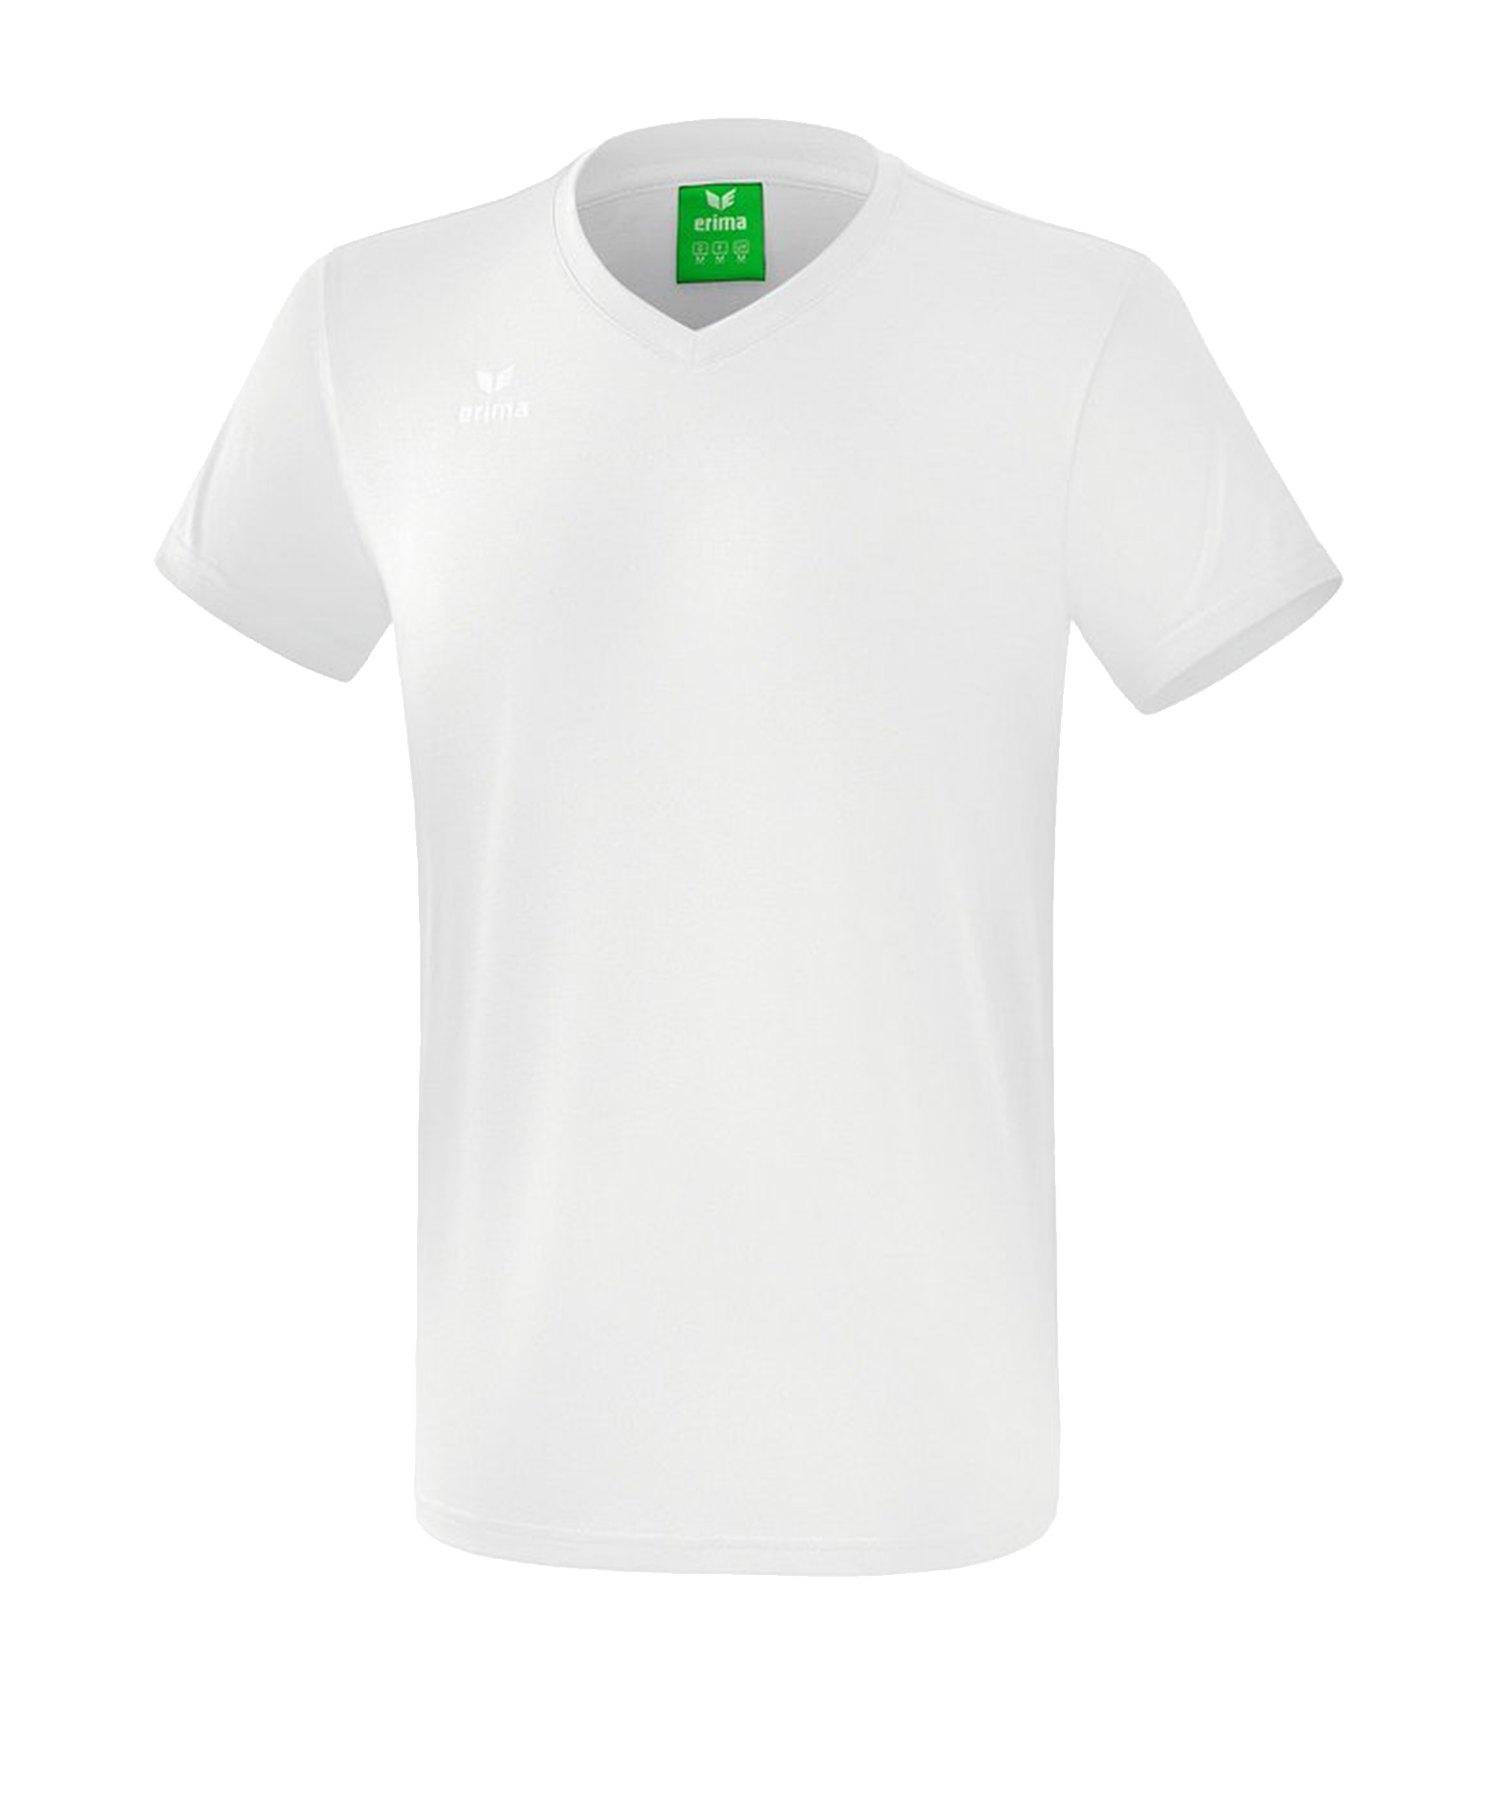 Erima Style T-Shirt Weiss - Weiss